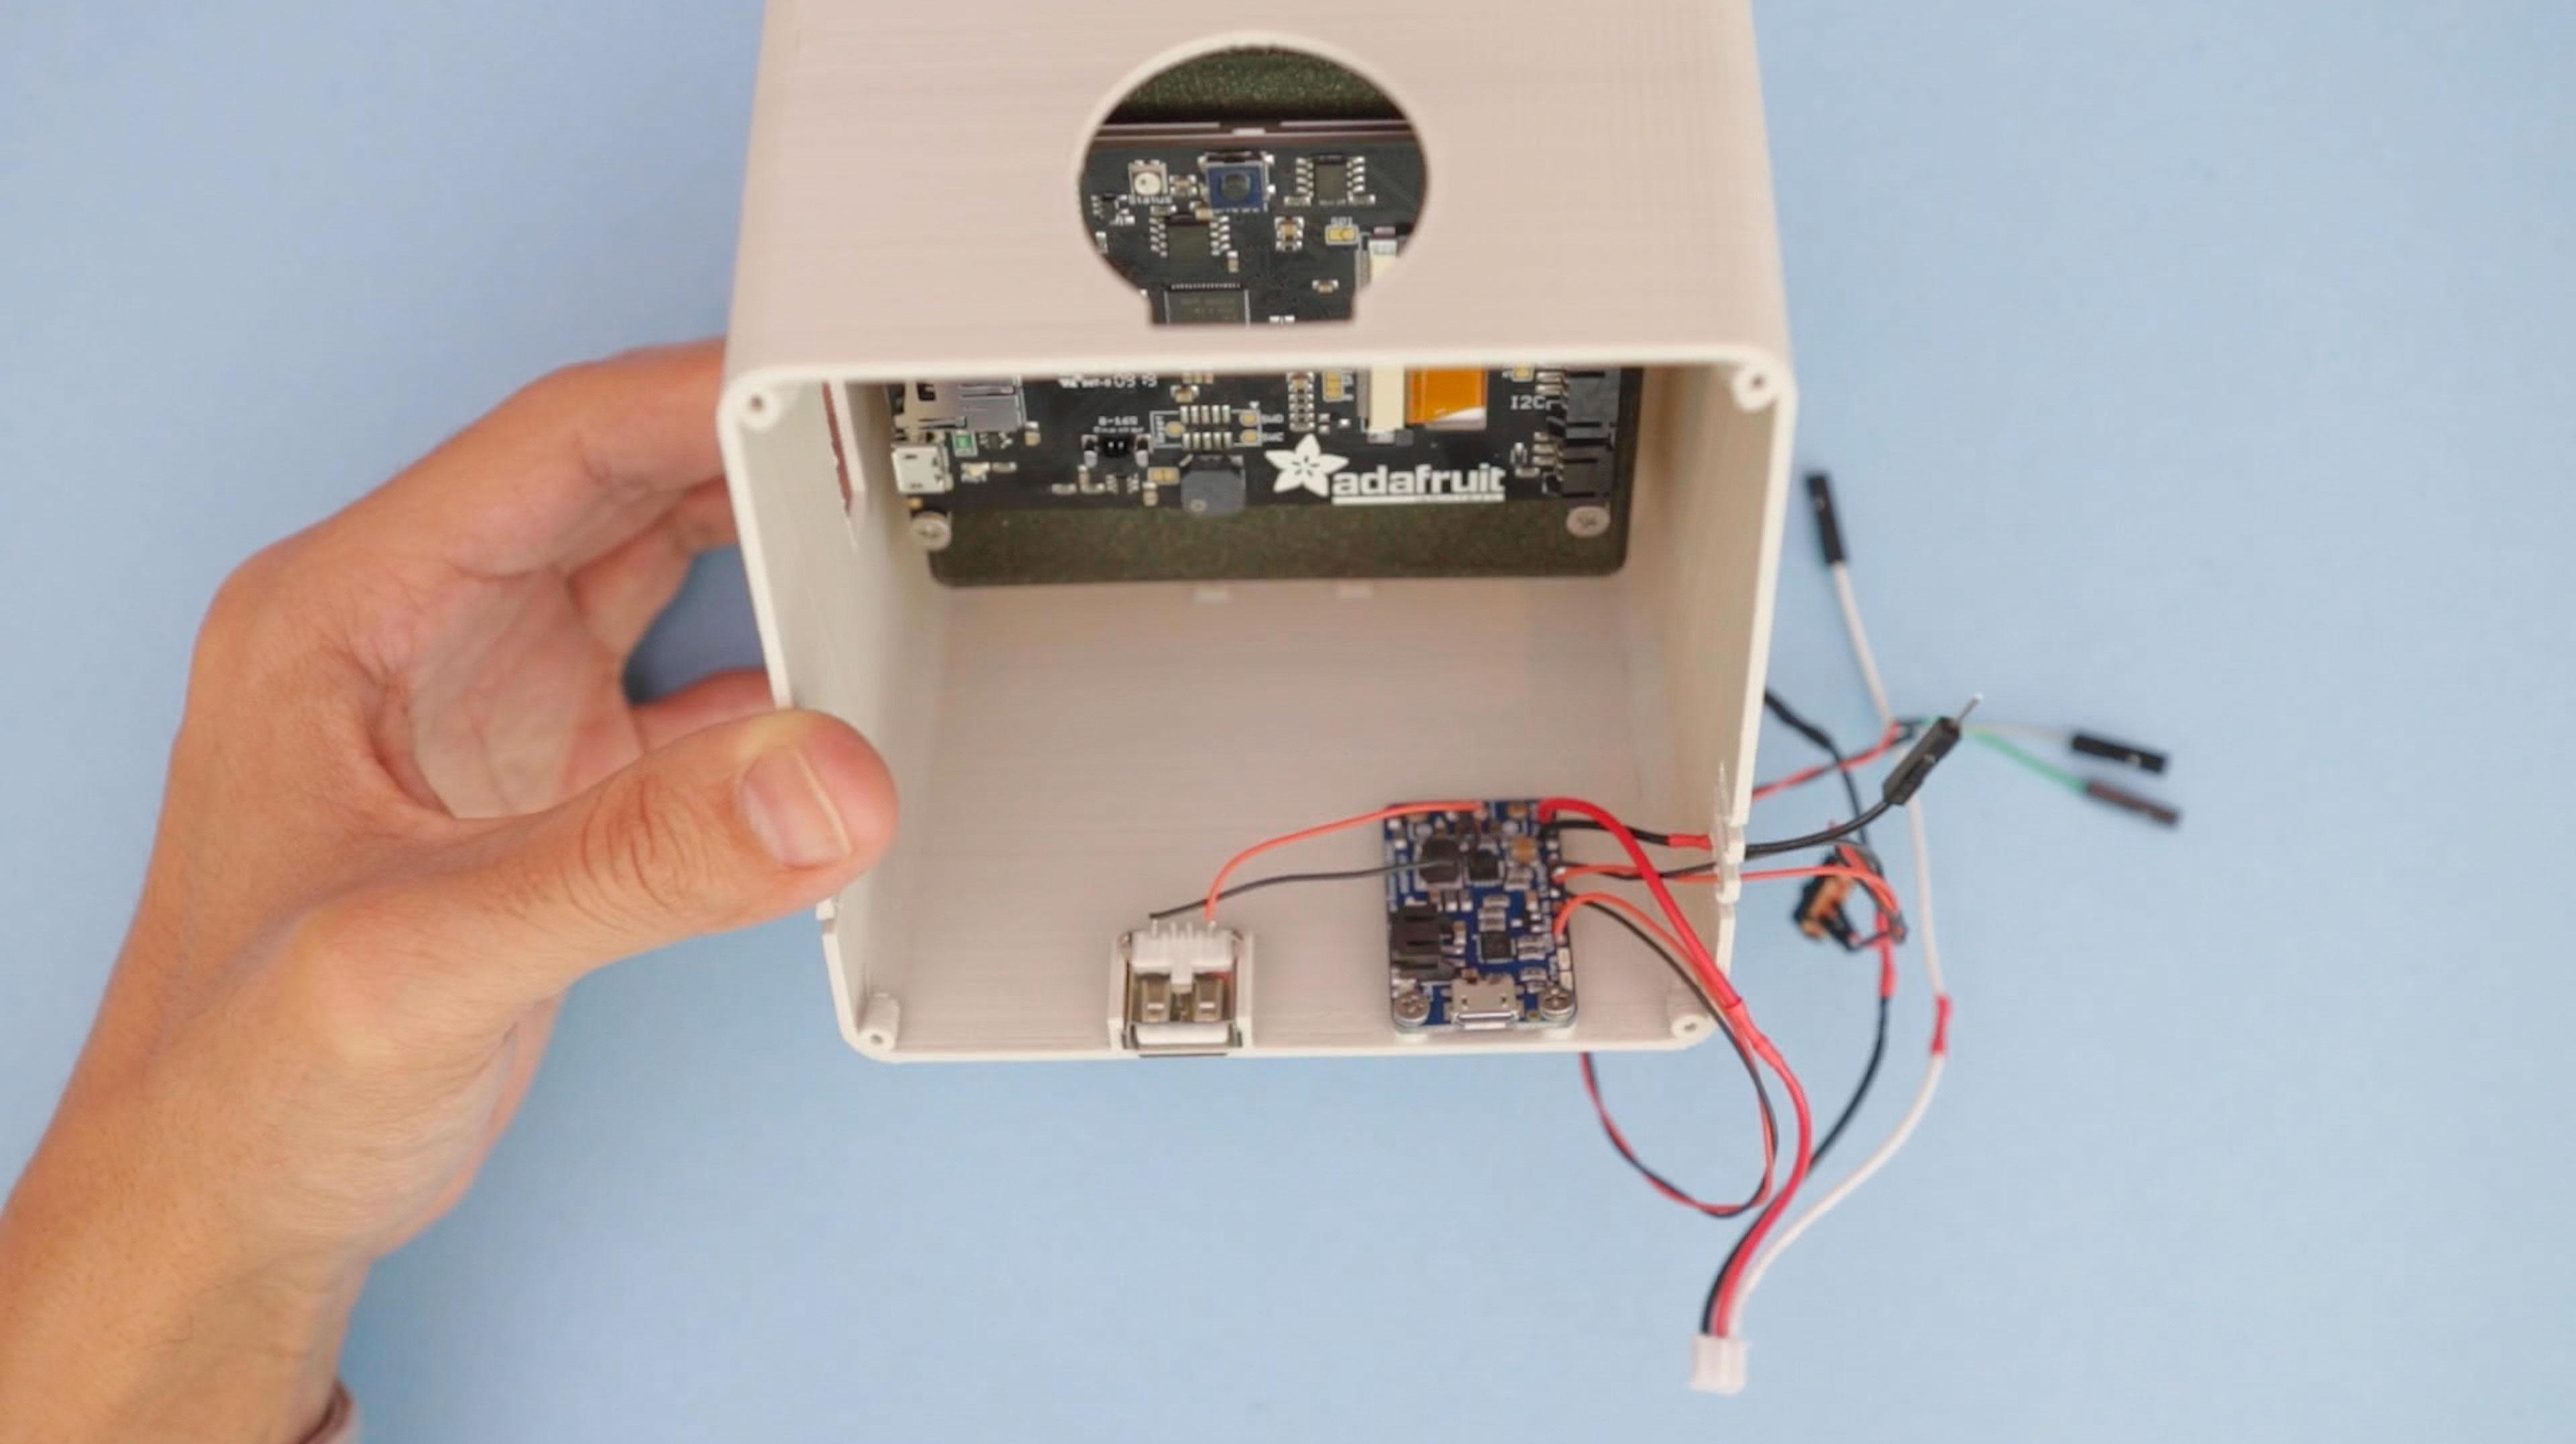 internet_of_things___iot_powerboost-usb-mounting.jpg